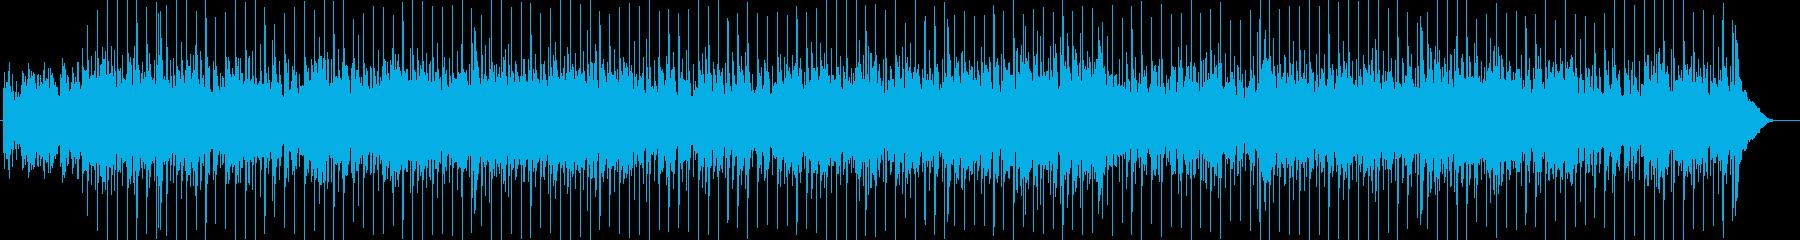 春ギターポップ透明感のある80sネオアコの再生済みの波形